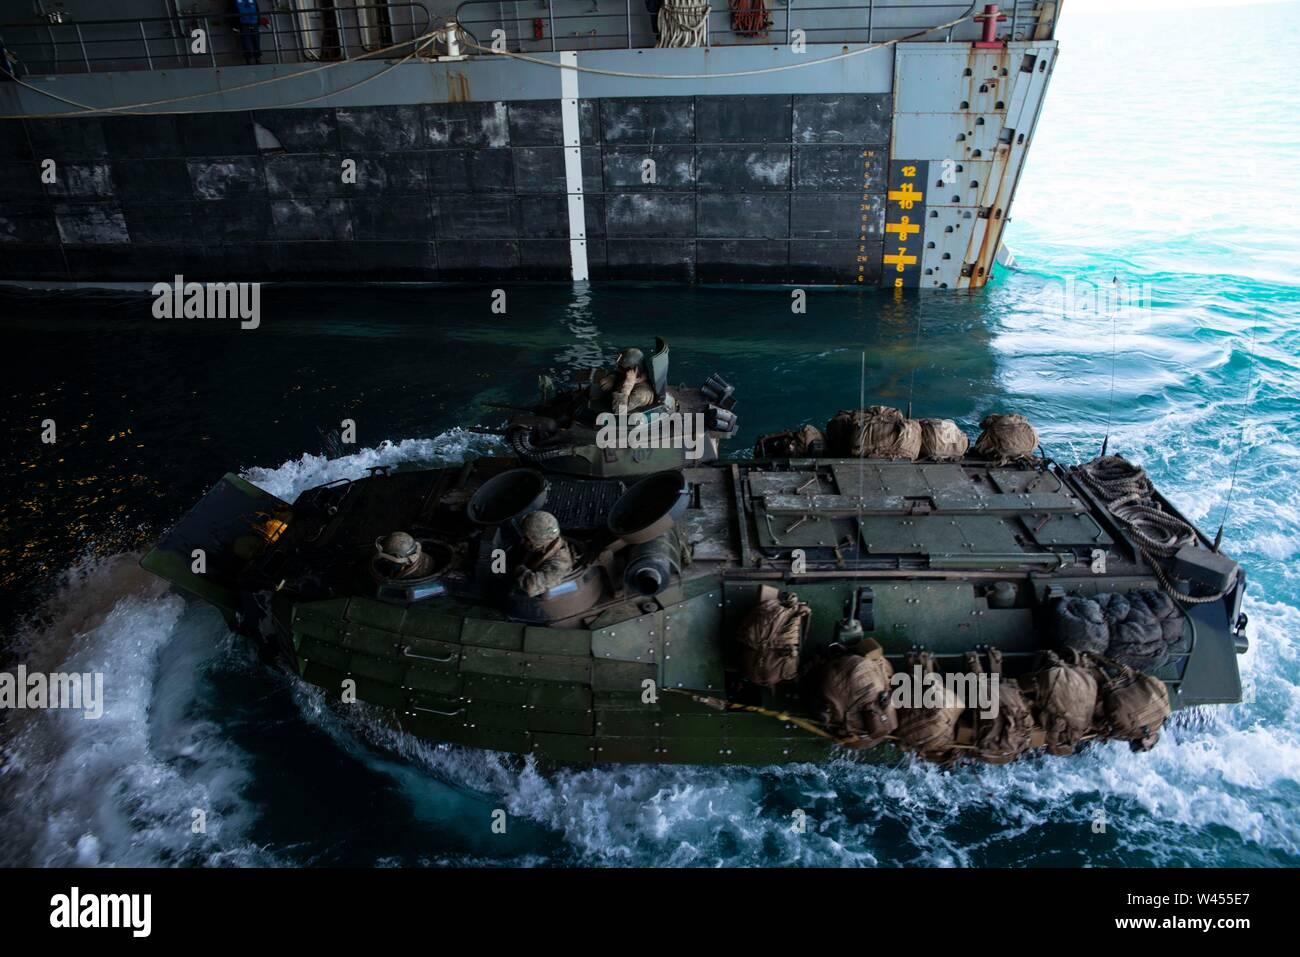 190718-N-DX072-1185 STANAGE Bay, Australia (18 de julio de 2019) un asalto anfibio (AAV), asignado a la 31ª Unidad Expedicionaria de los Infantes de Marina (MEU), entra en la cubierta del buque anfibio de transporte dock USS Green Bay (LPD 20). Green Bay, parte del Grupo de ataque expedicionario Wasp, embarcó con 31 MEU, está participando actualmente en Talisman Sabre 2019 frente a las costas del norte de Australia. A nivel bilateral, evento bienal, Talisman Sabre está diseñado para mejorar el entrenamiento de combate de EE.UU. y Australia, la disponibilidad y la interoperabilidad a través de realistas, la capacitación pertinente necesaria para mantener la región Foto de stock